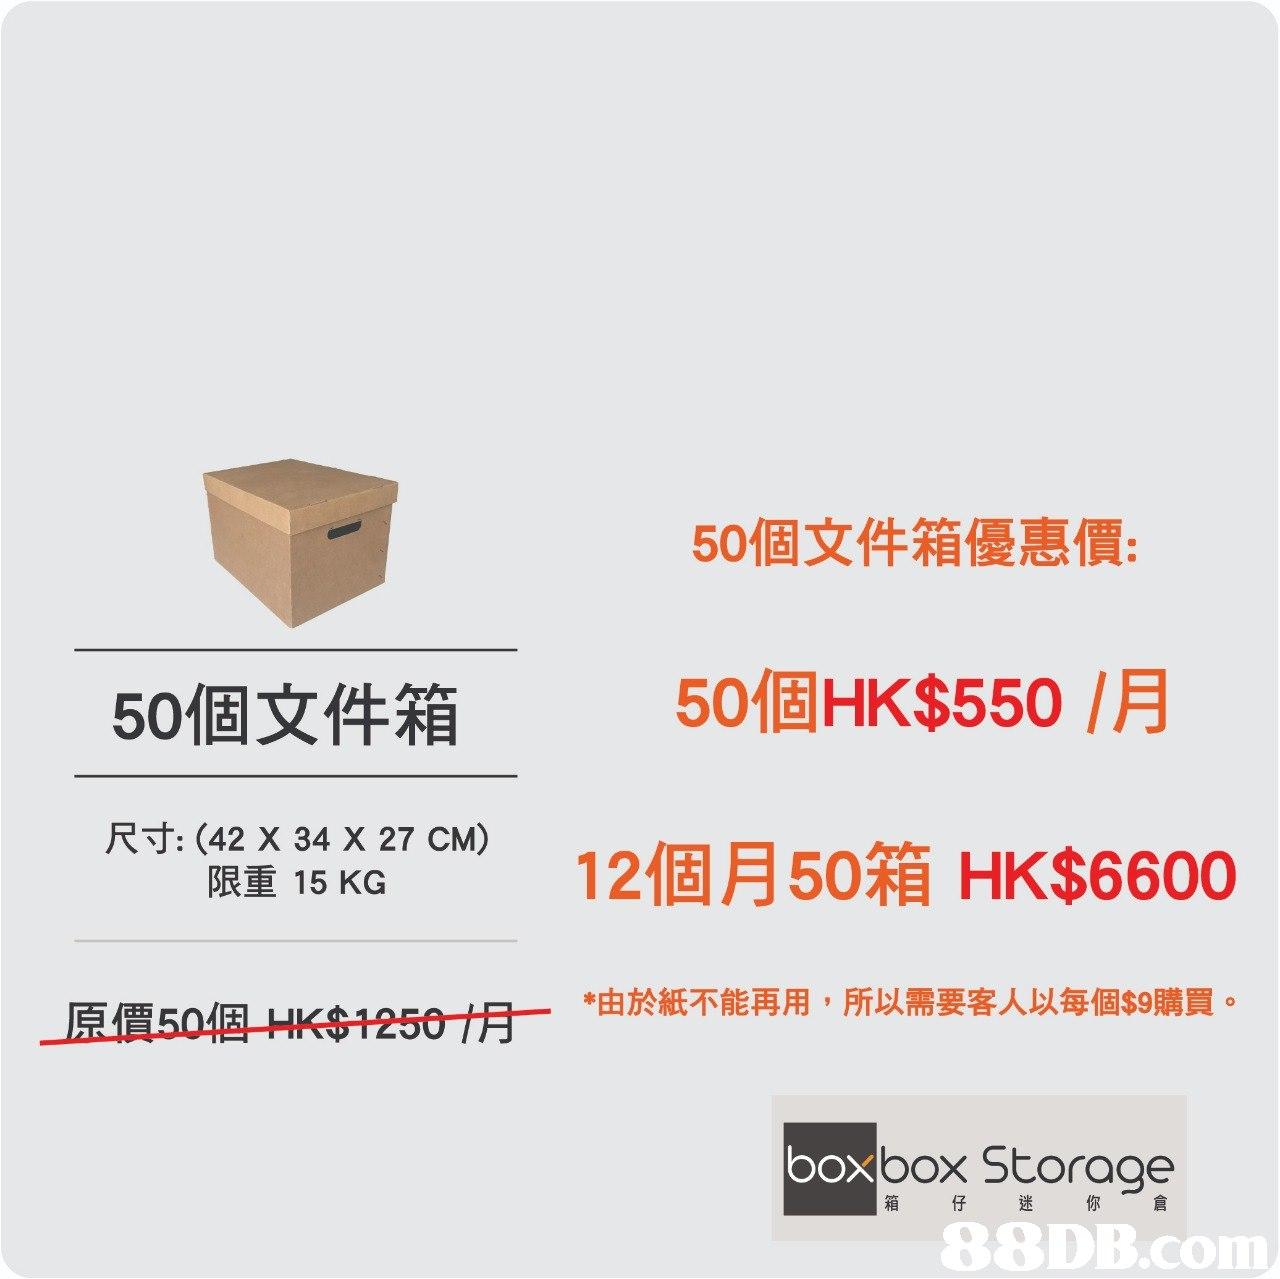 50個文件箱優惠價: 50個HK$550 /月 12個月50箱HK$6600 50個文件箱 尺寸: (42 X 34 X 27 CM) 限重15KG *由於紙不能再用,所以需要客人以每個$9購買 豆價50個HK$1250佾ㄧ poxbox Storage 箱仔迷你 倉   text,font,product,product,line